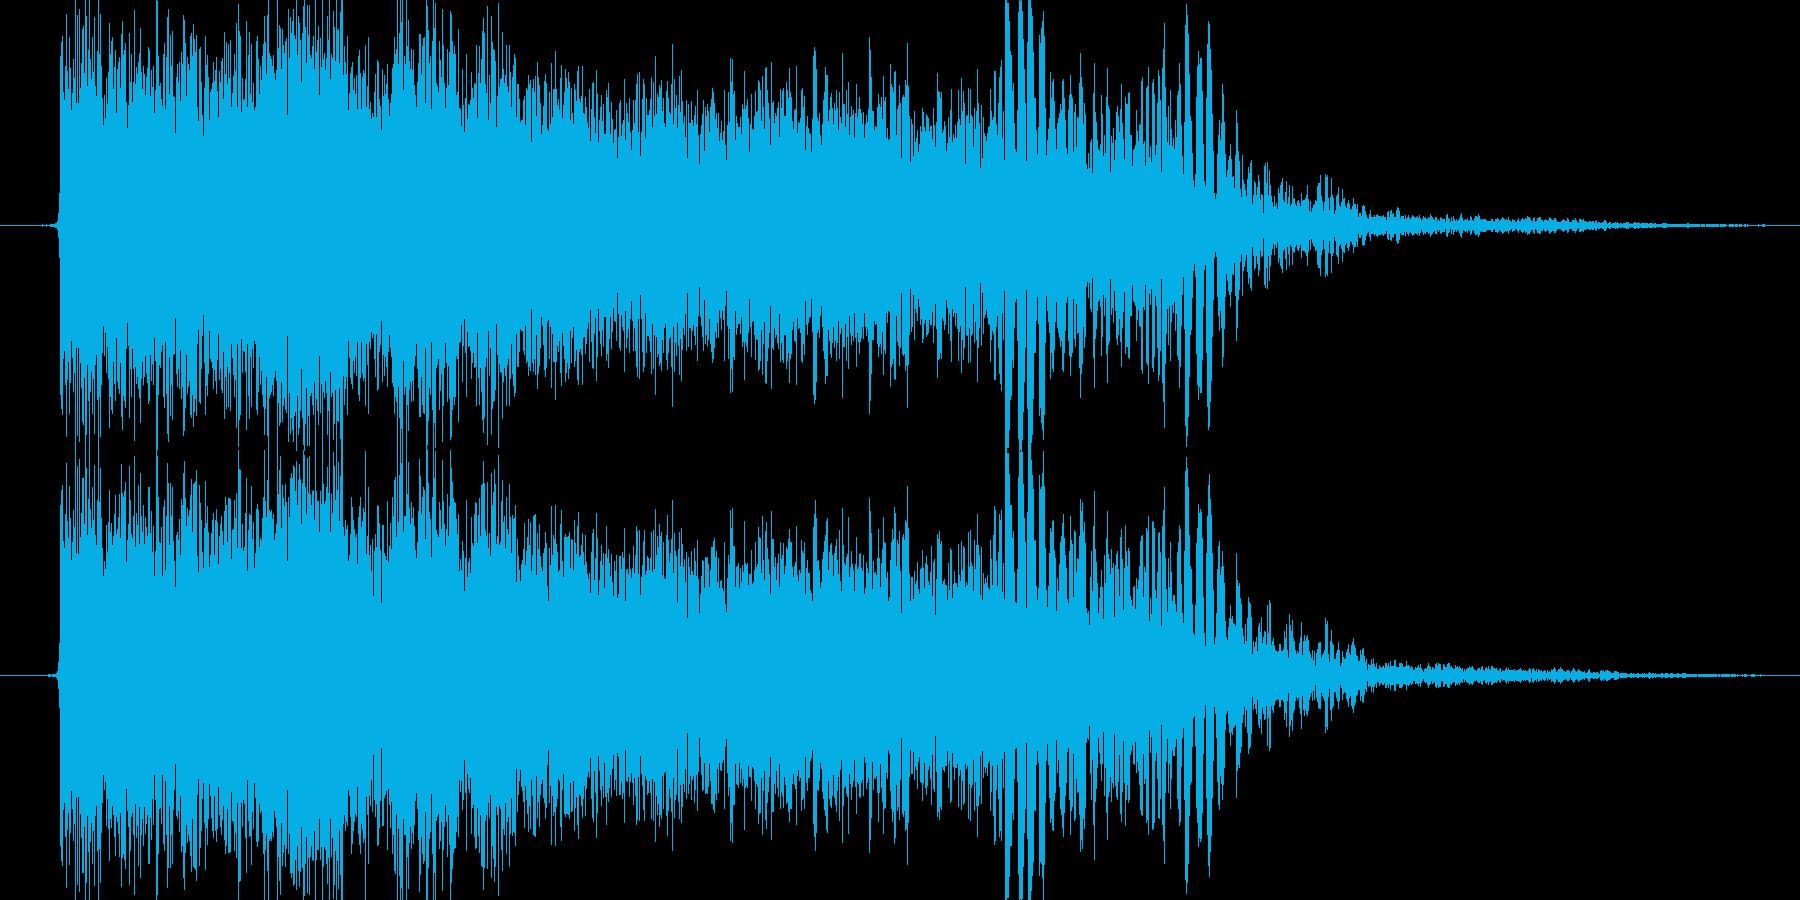 雷魔法(雷撃)の再生済みの波形